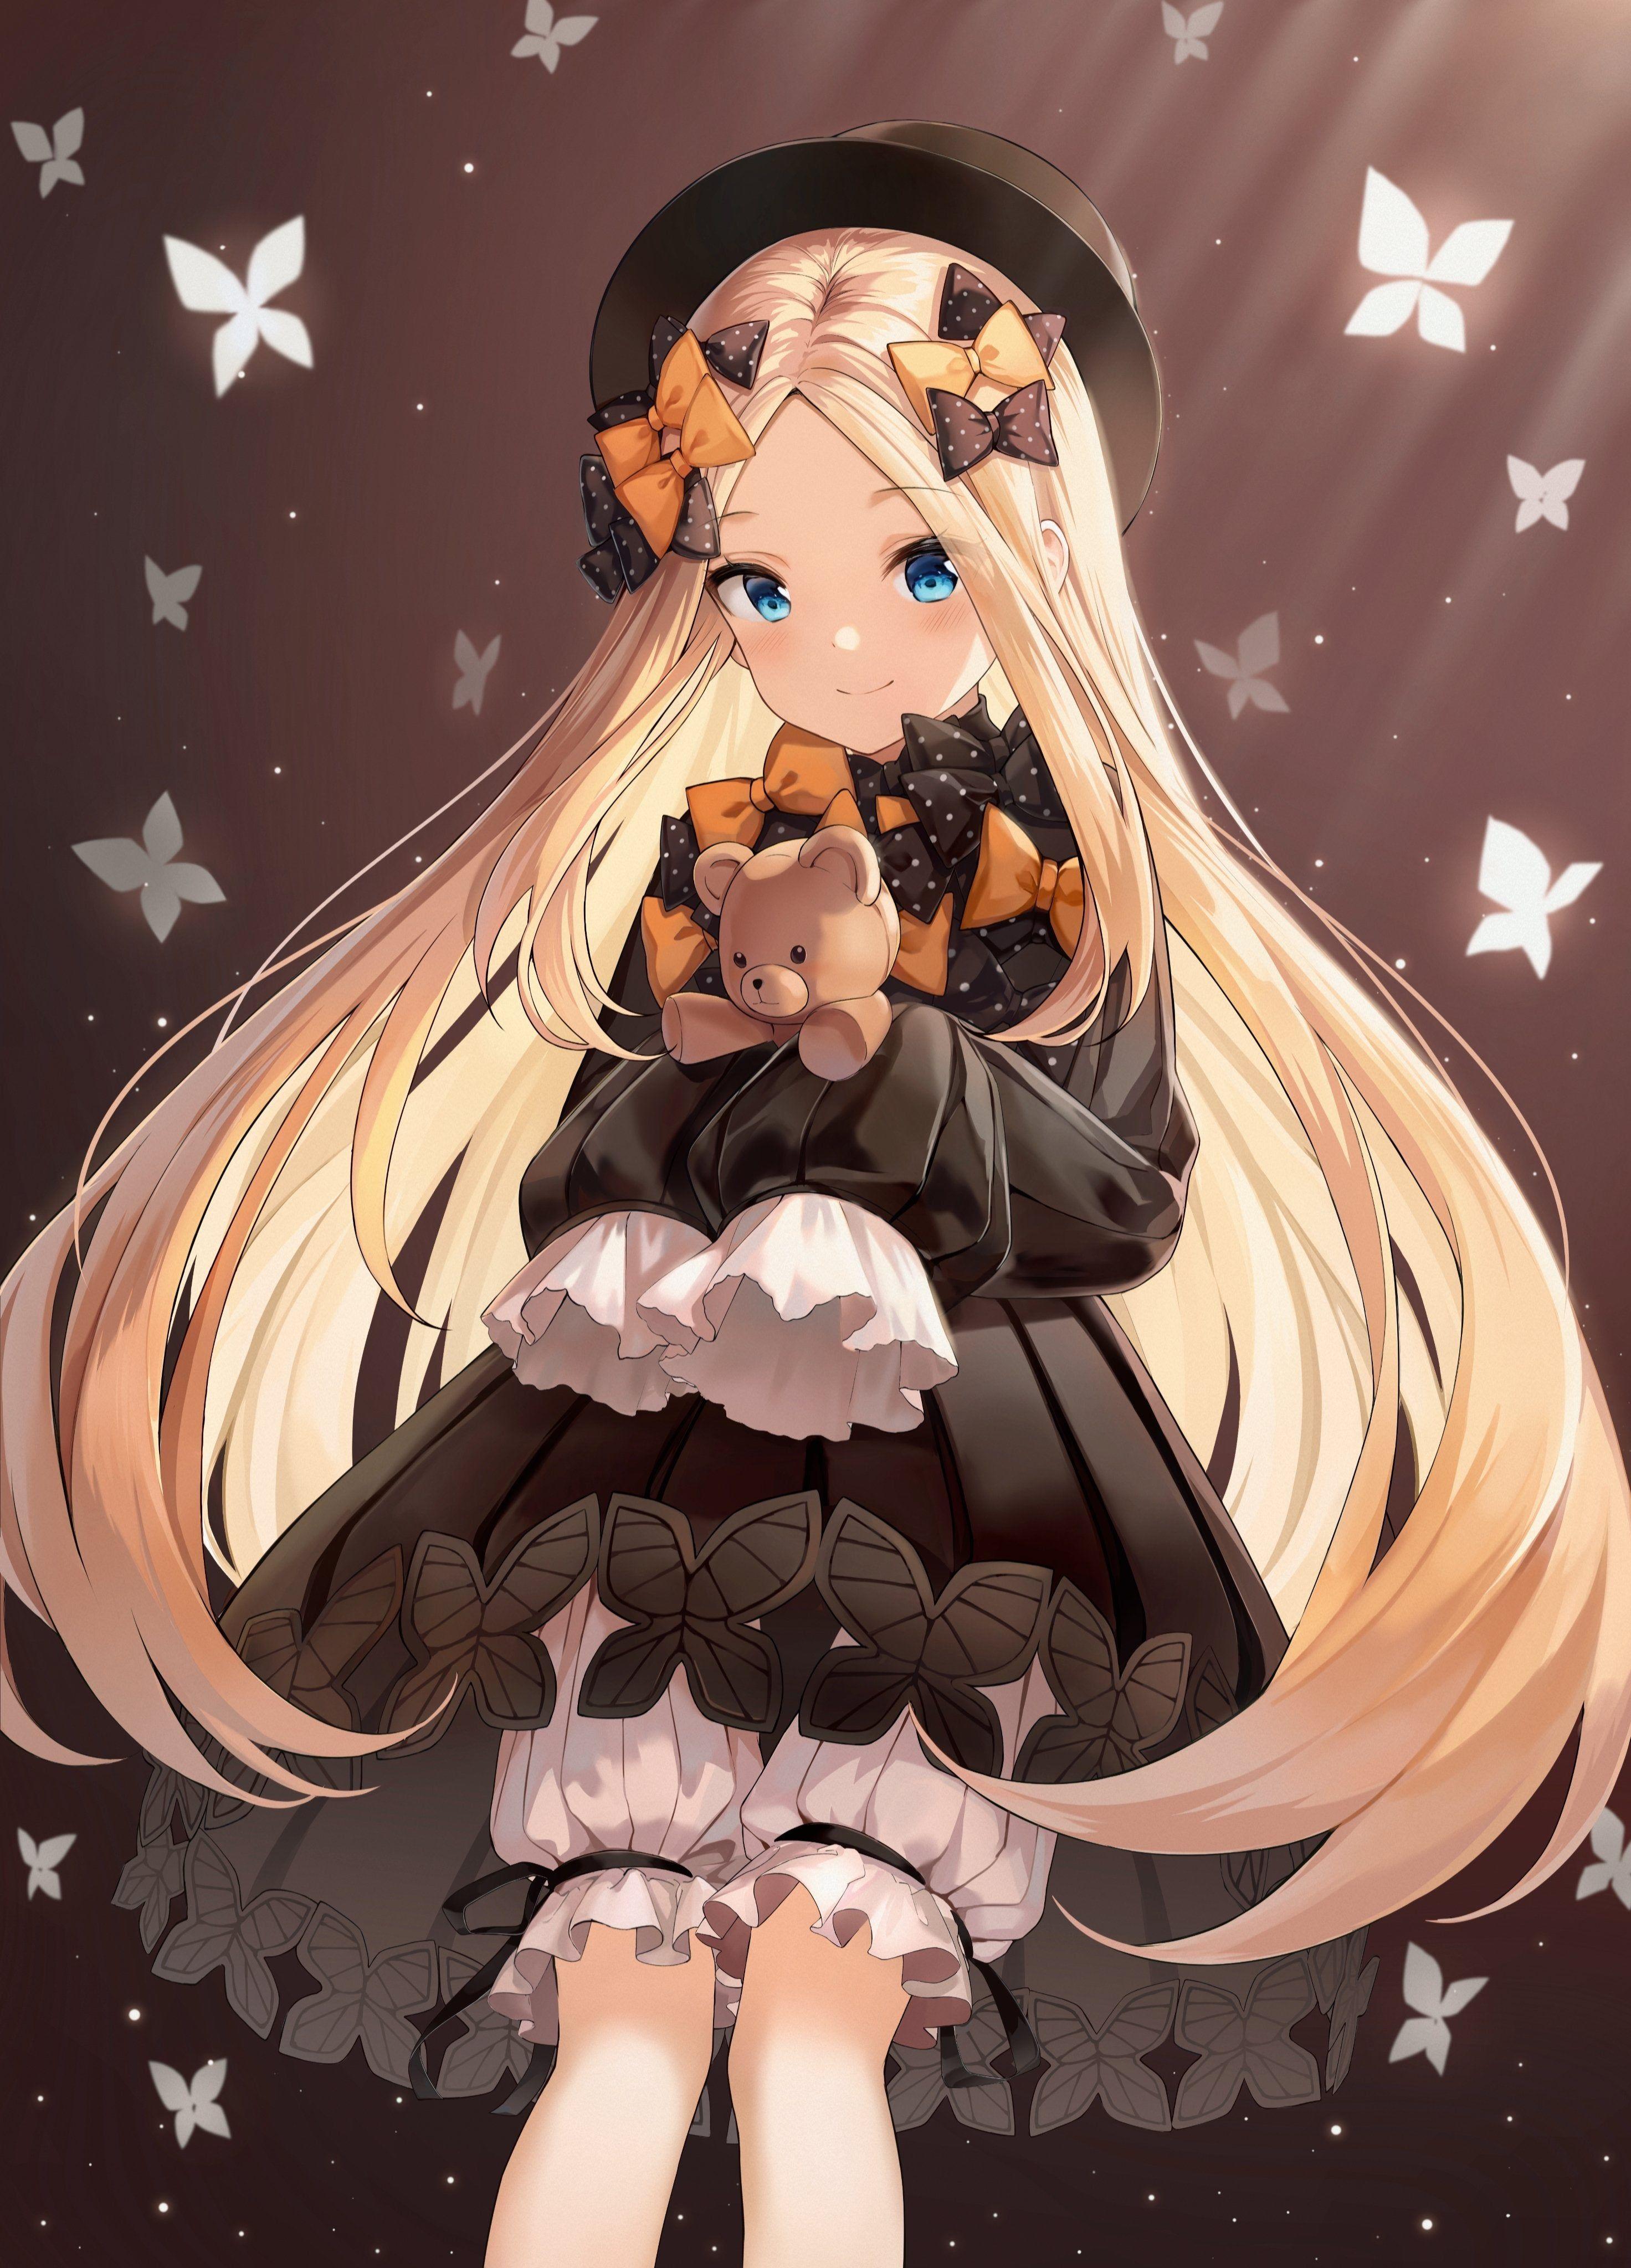 Abby [Fate/Grand Order] di 2020